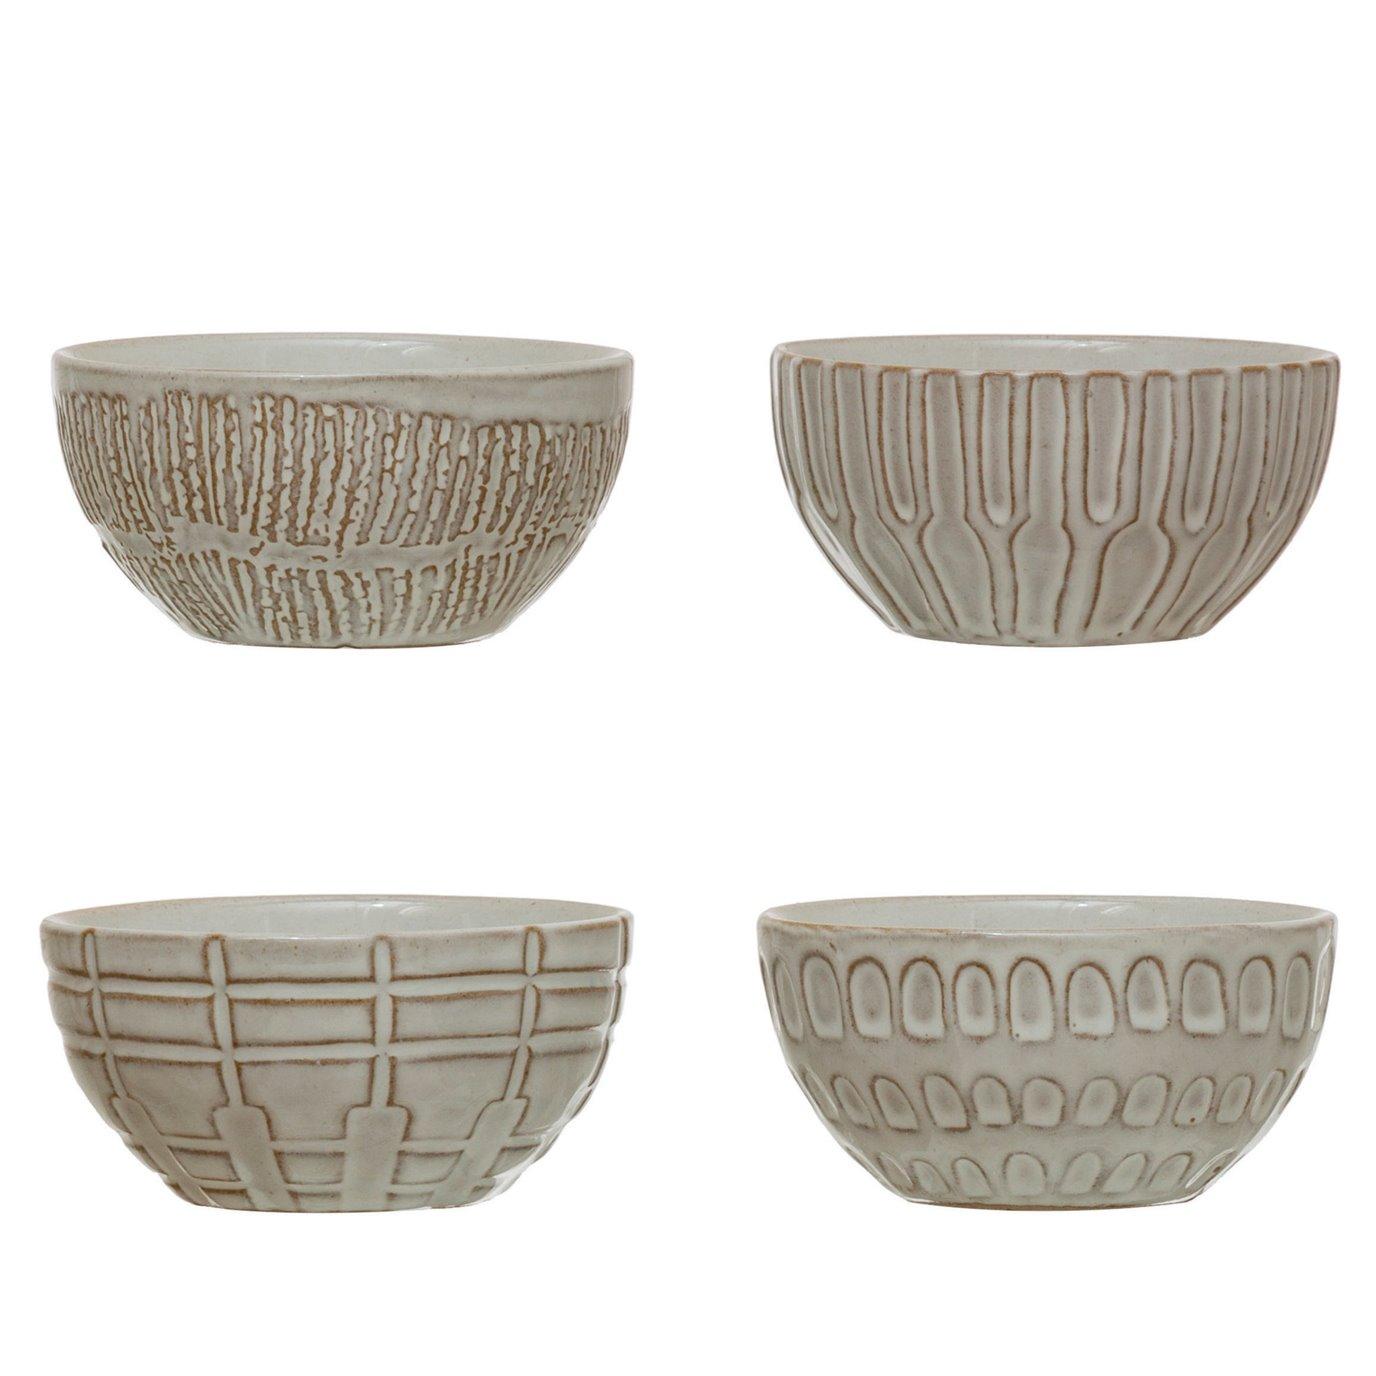 Debossed Stoneware Bowl, White, 4 Styles